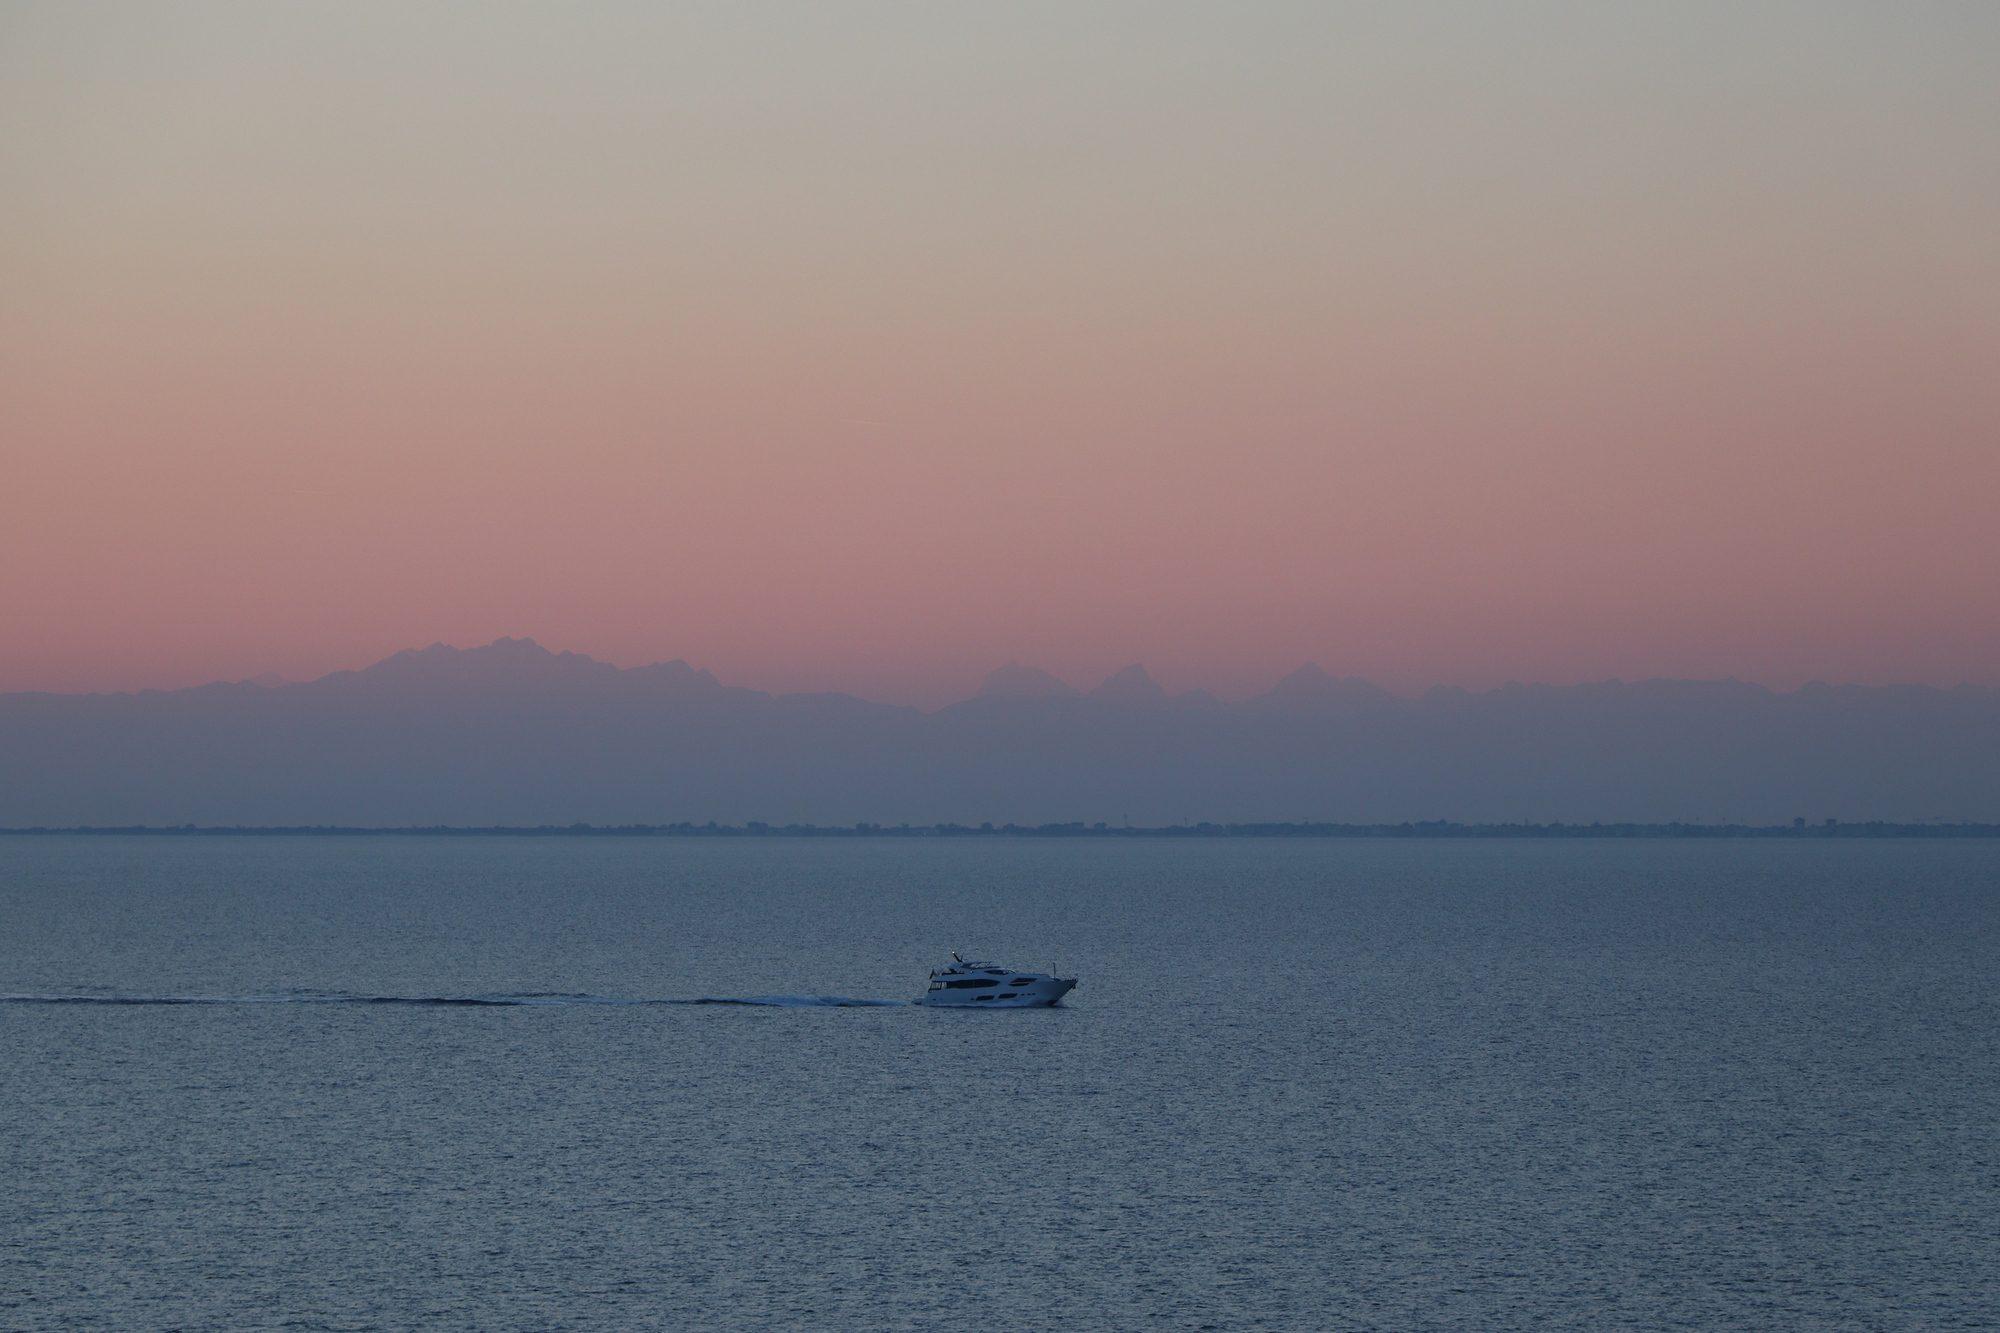 Sonnenuntergang auf hoher See